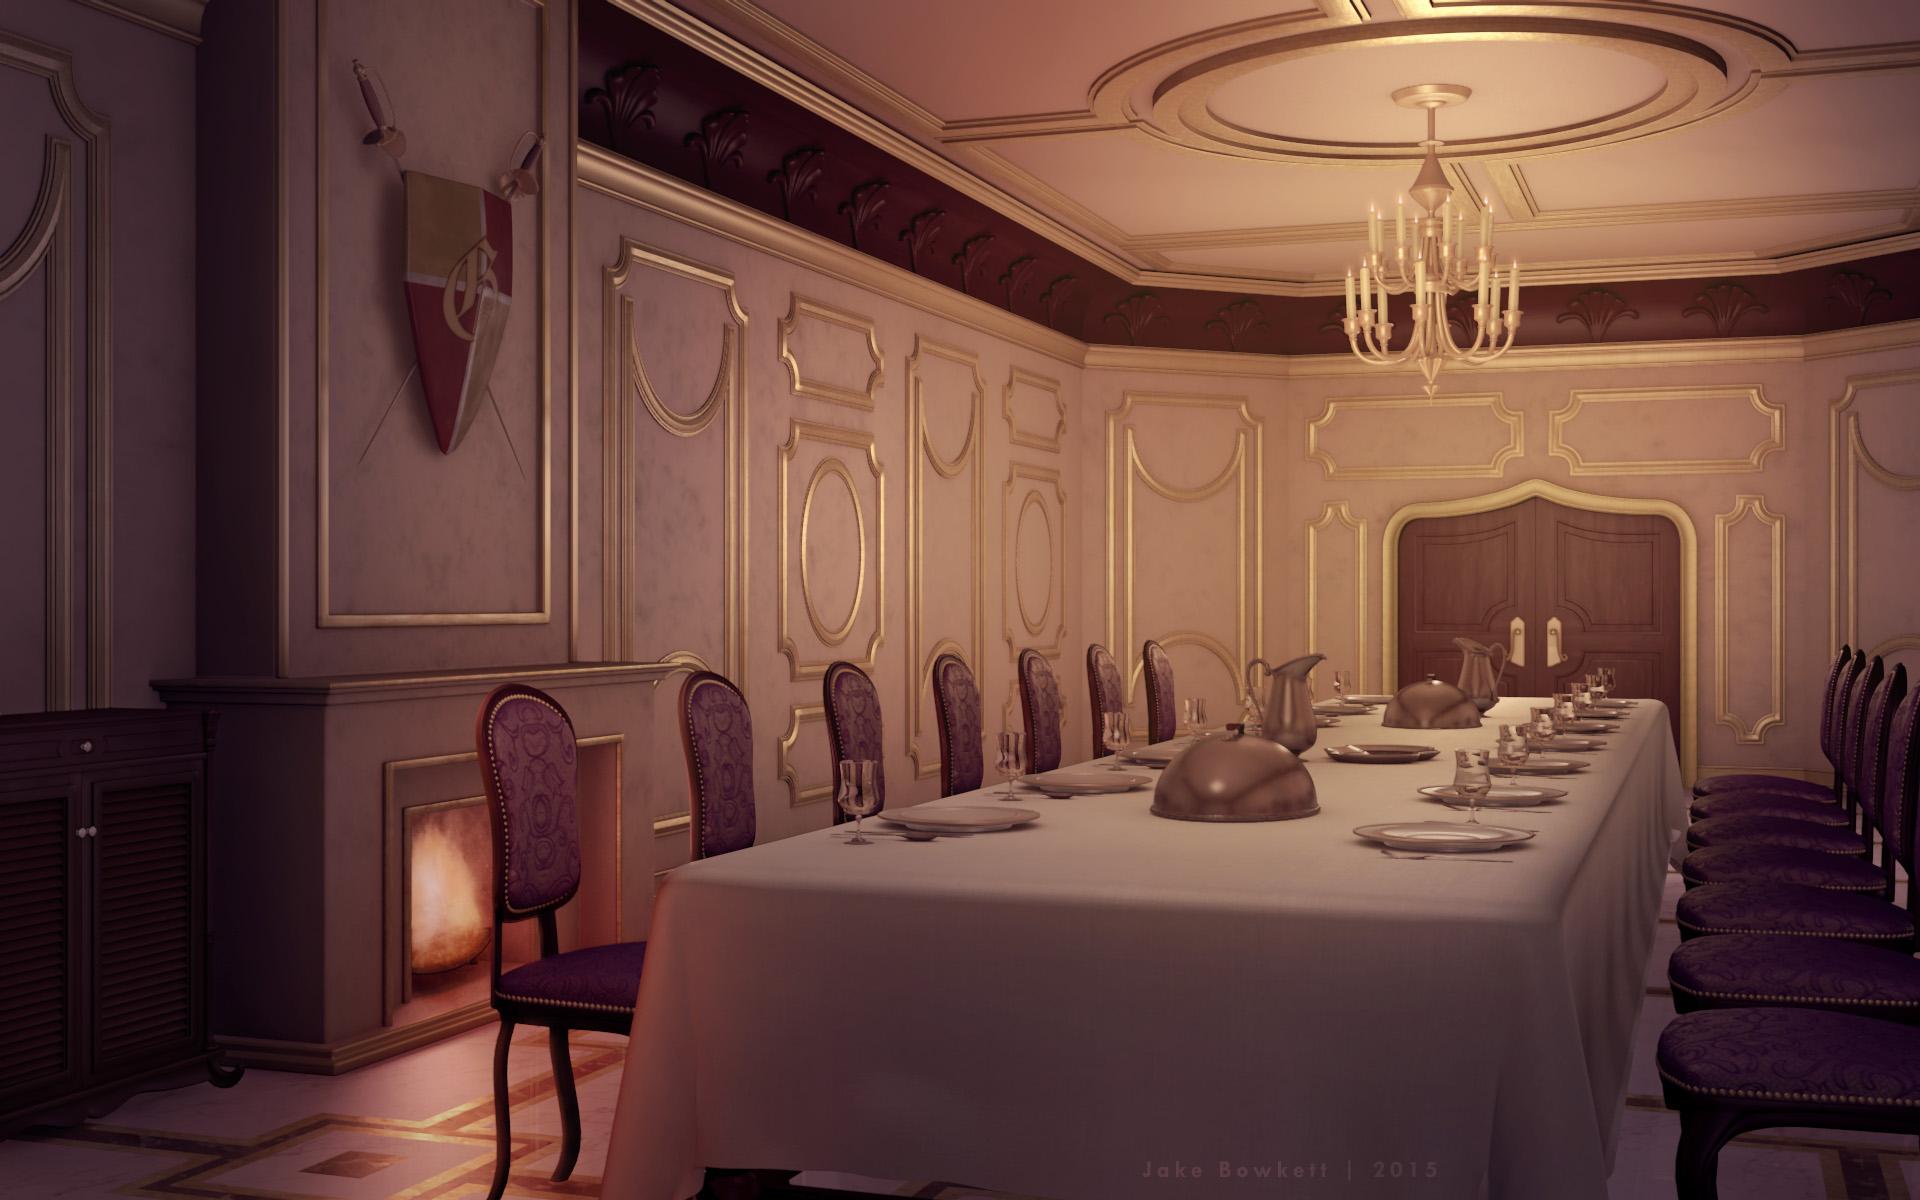 Senju vila (Darukyna kuca) Dining_room_by_jakebowkett-d7xw8vc